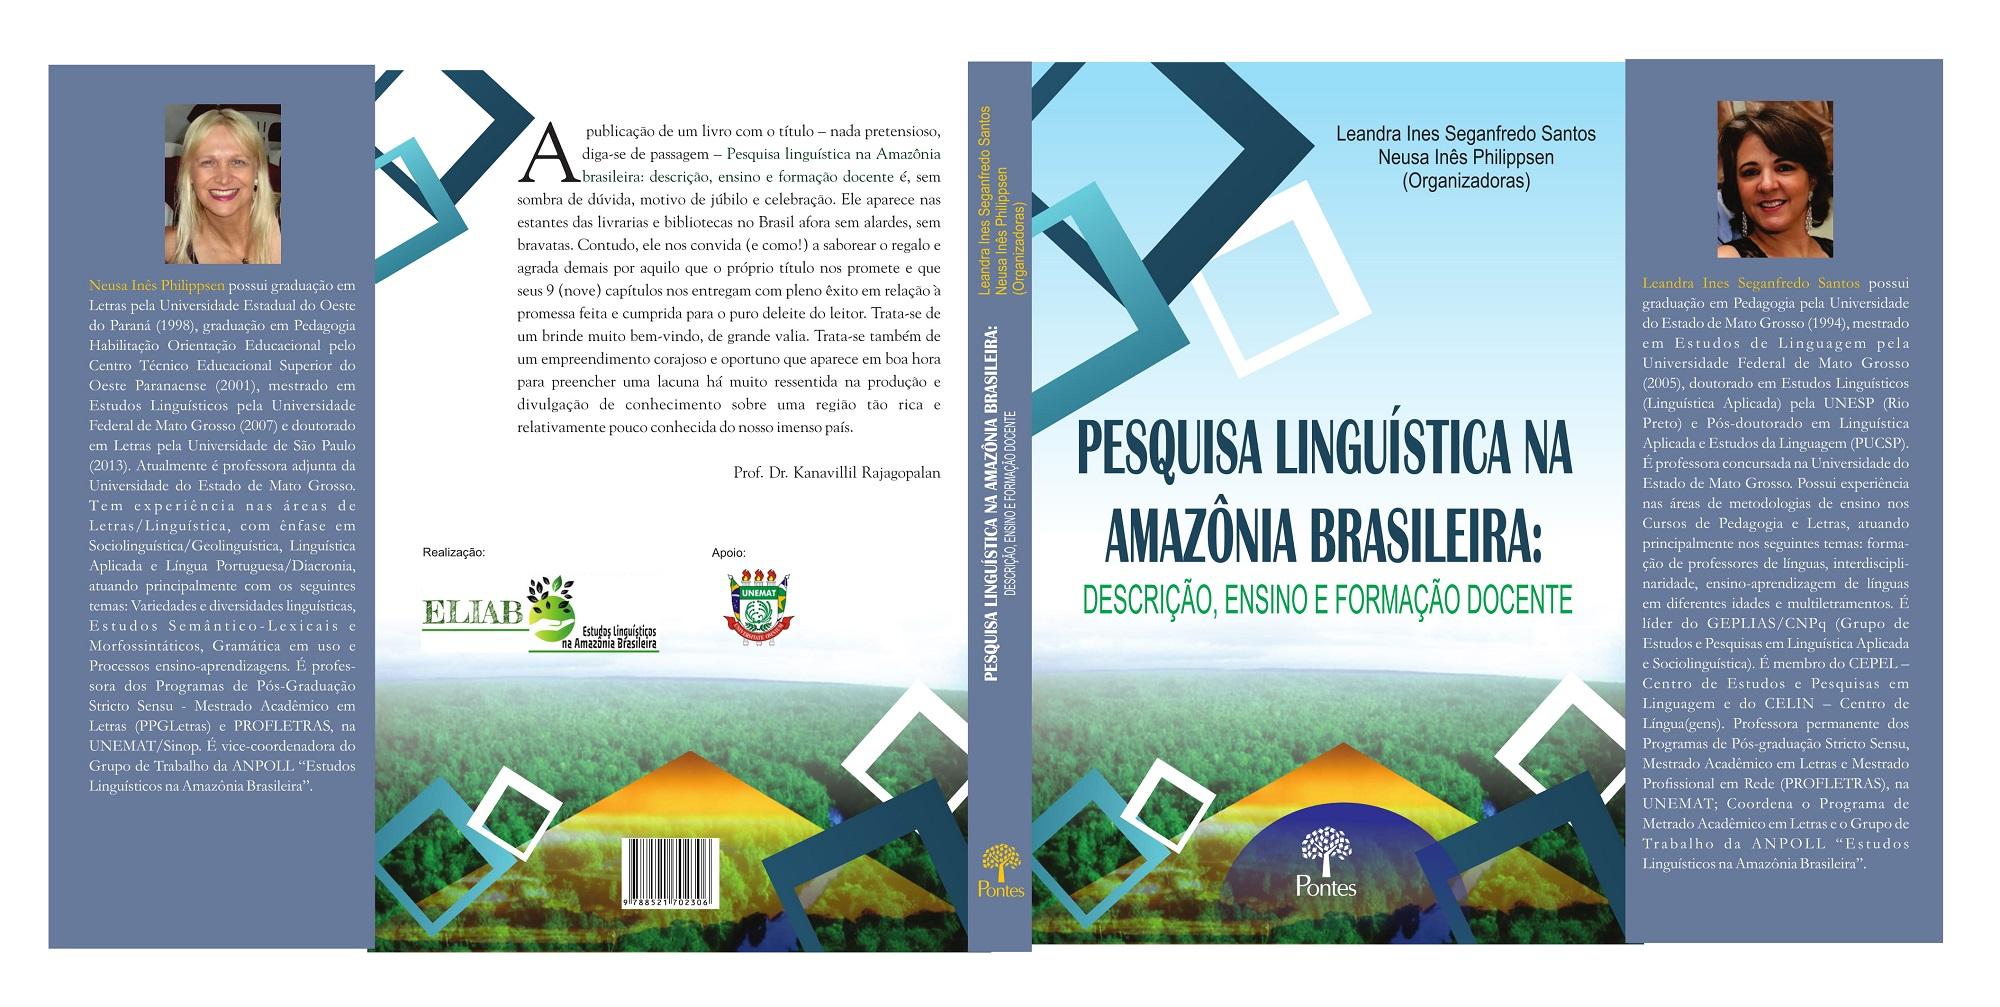 Pesquisa linguística na Amazônia Brasileira:formação